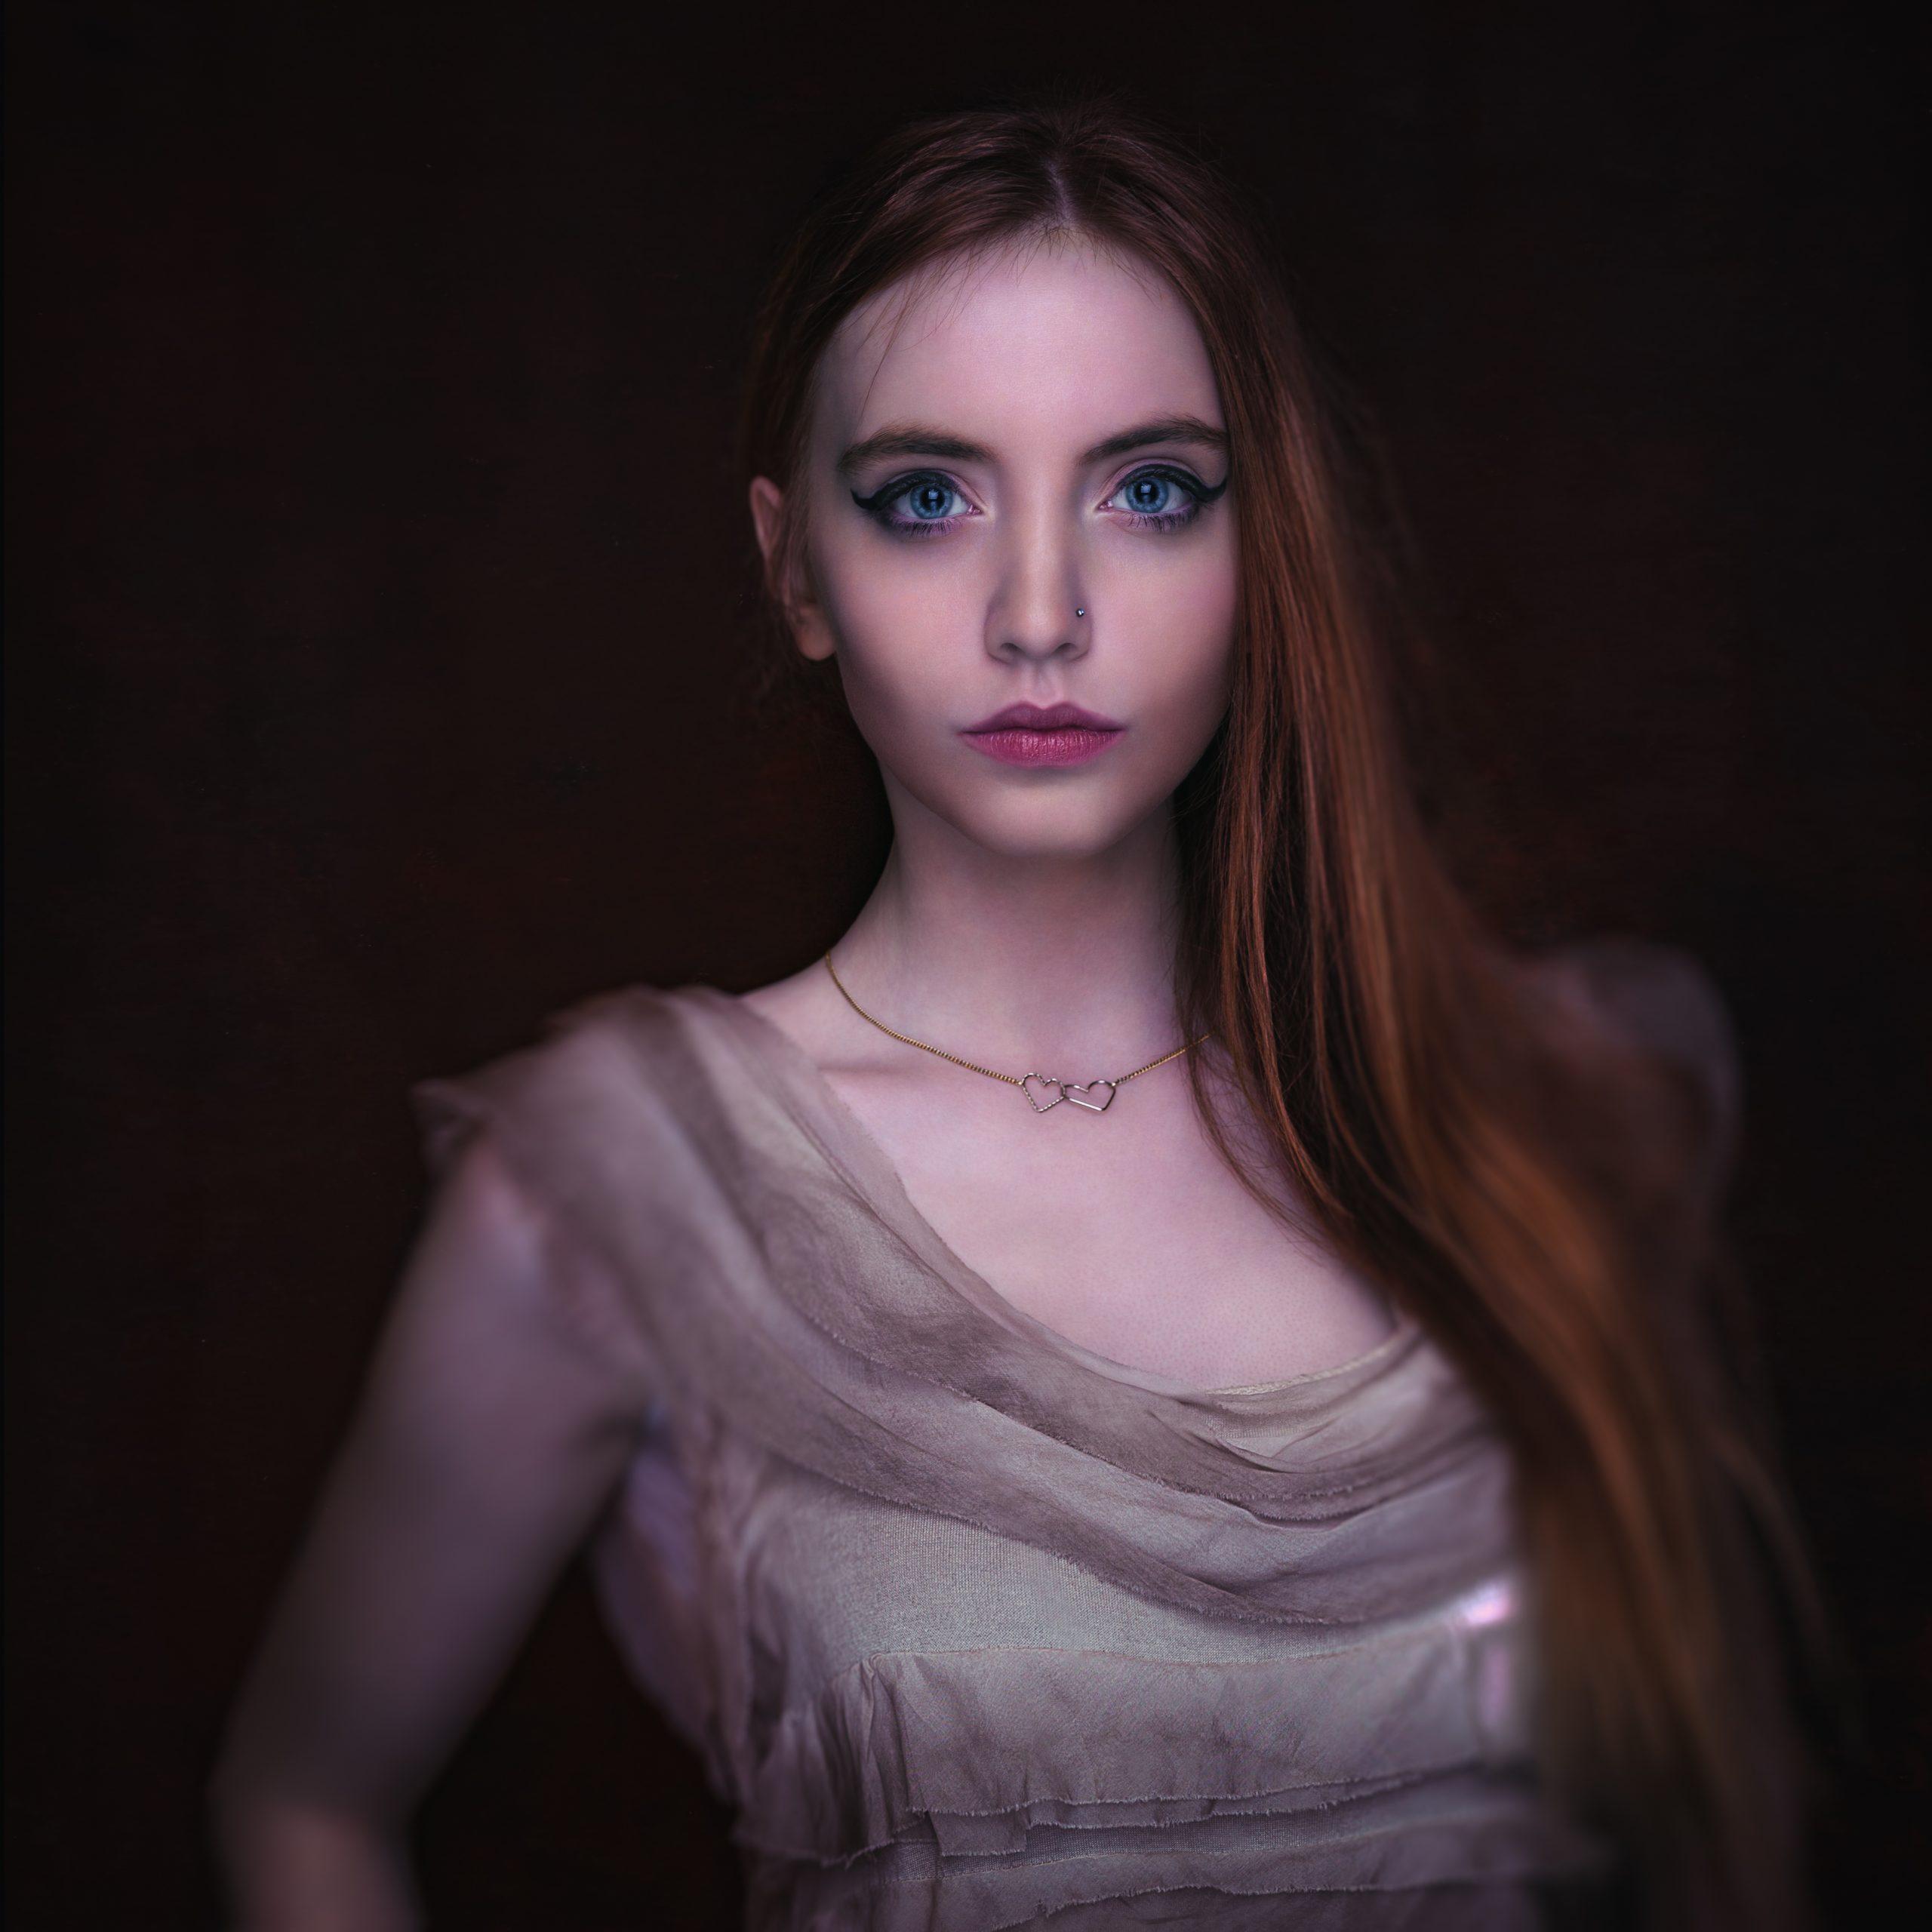 Jonathan Christian Photography